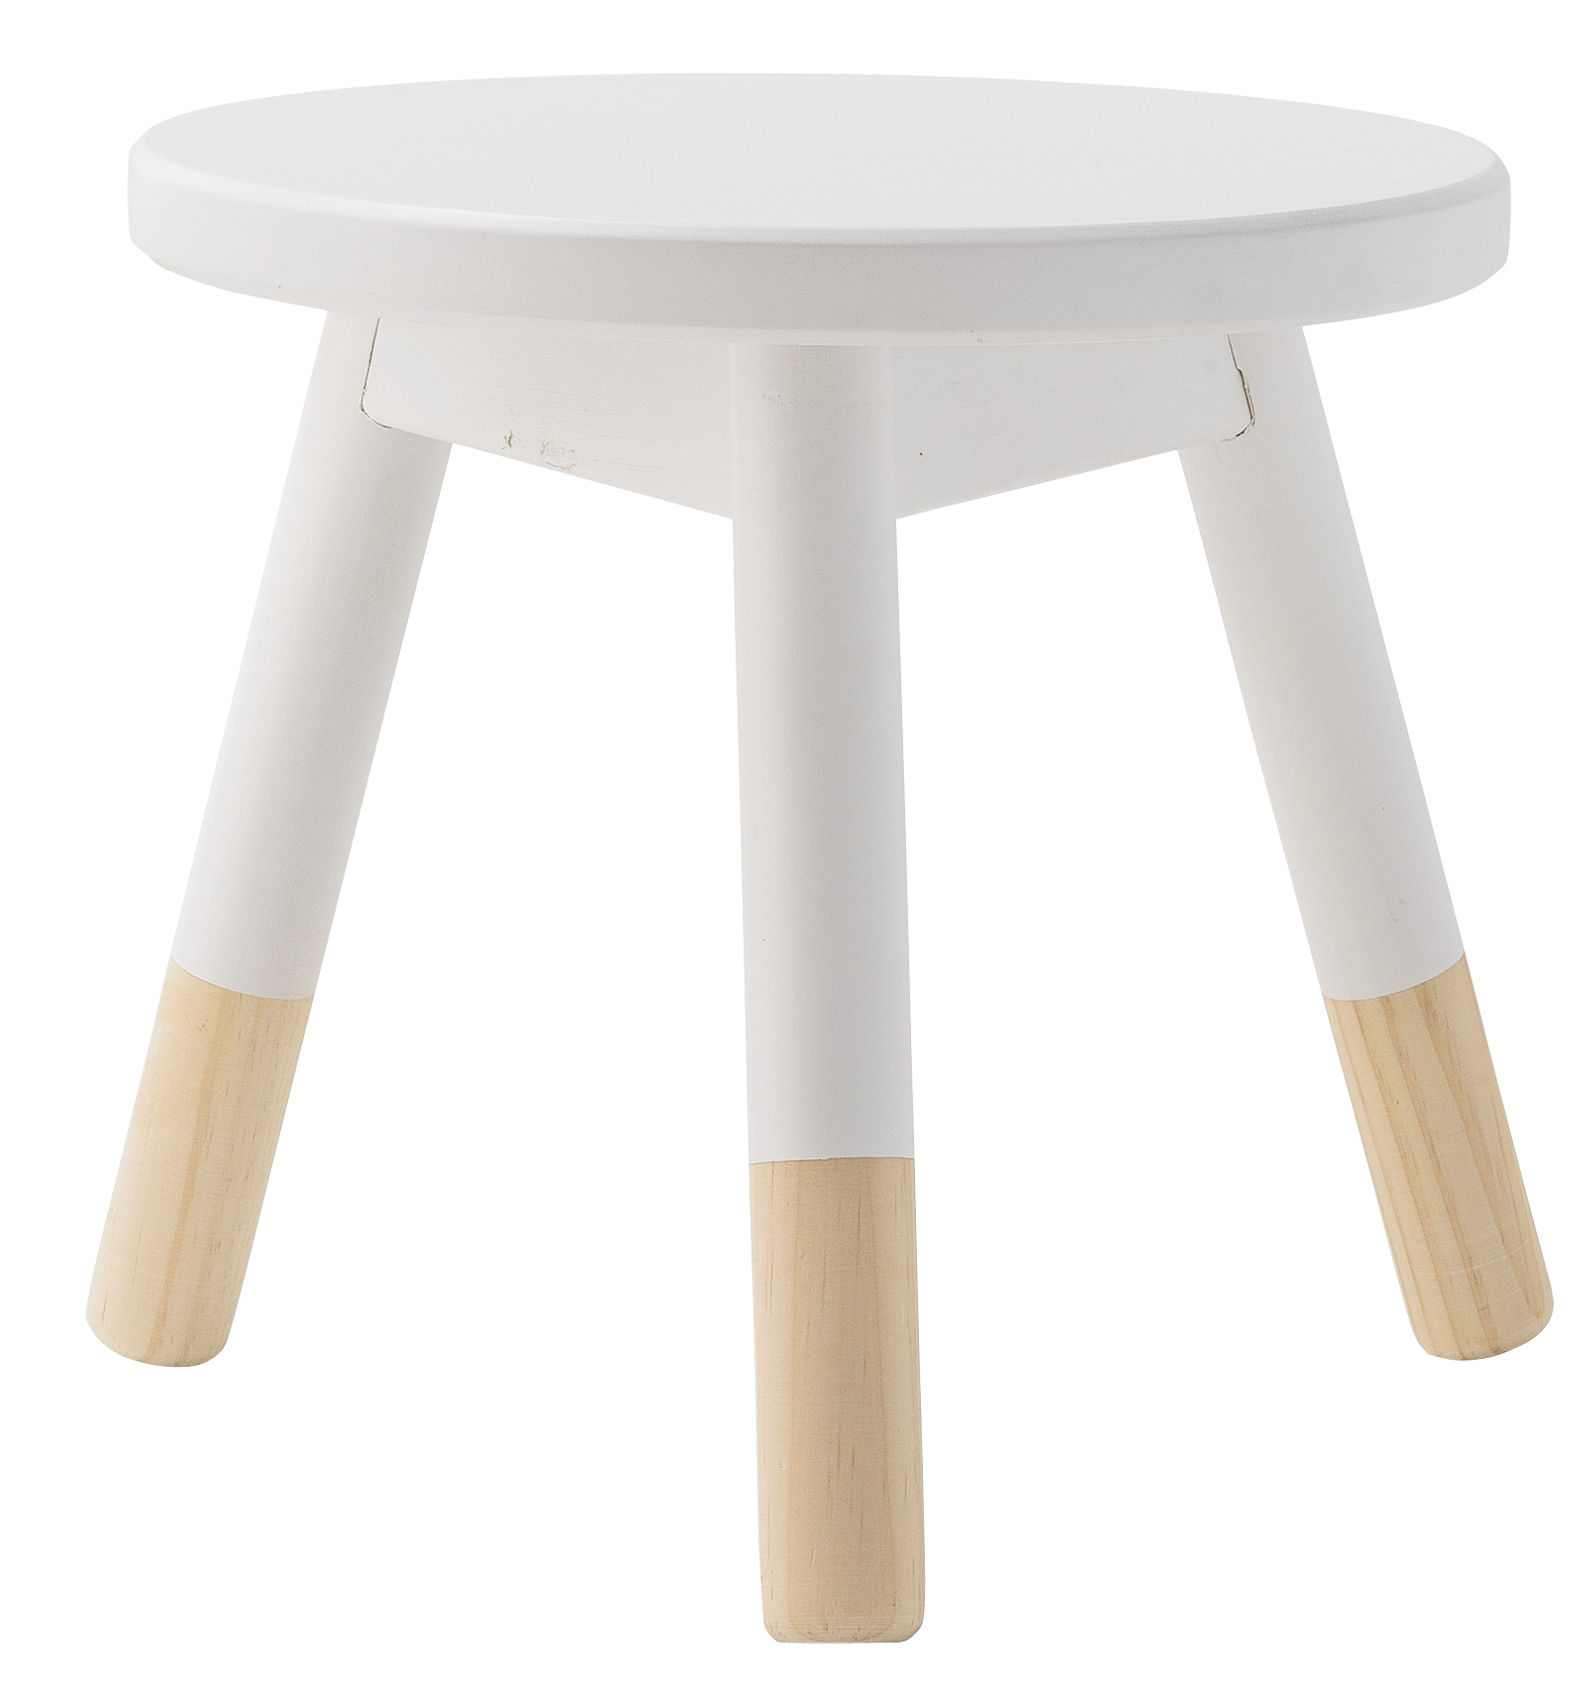 tabouret enfant bois h 30 cm blanc bloomingville. Black Bedroom Furniture Sets. Home Design Ideas